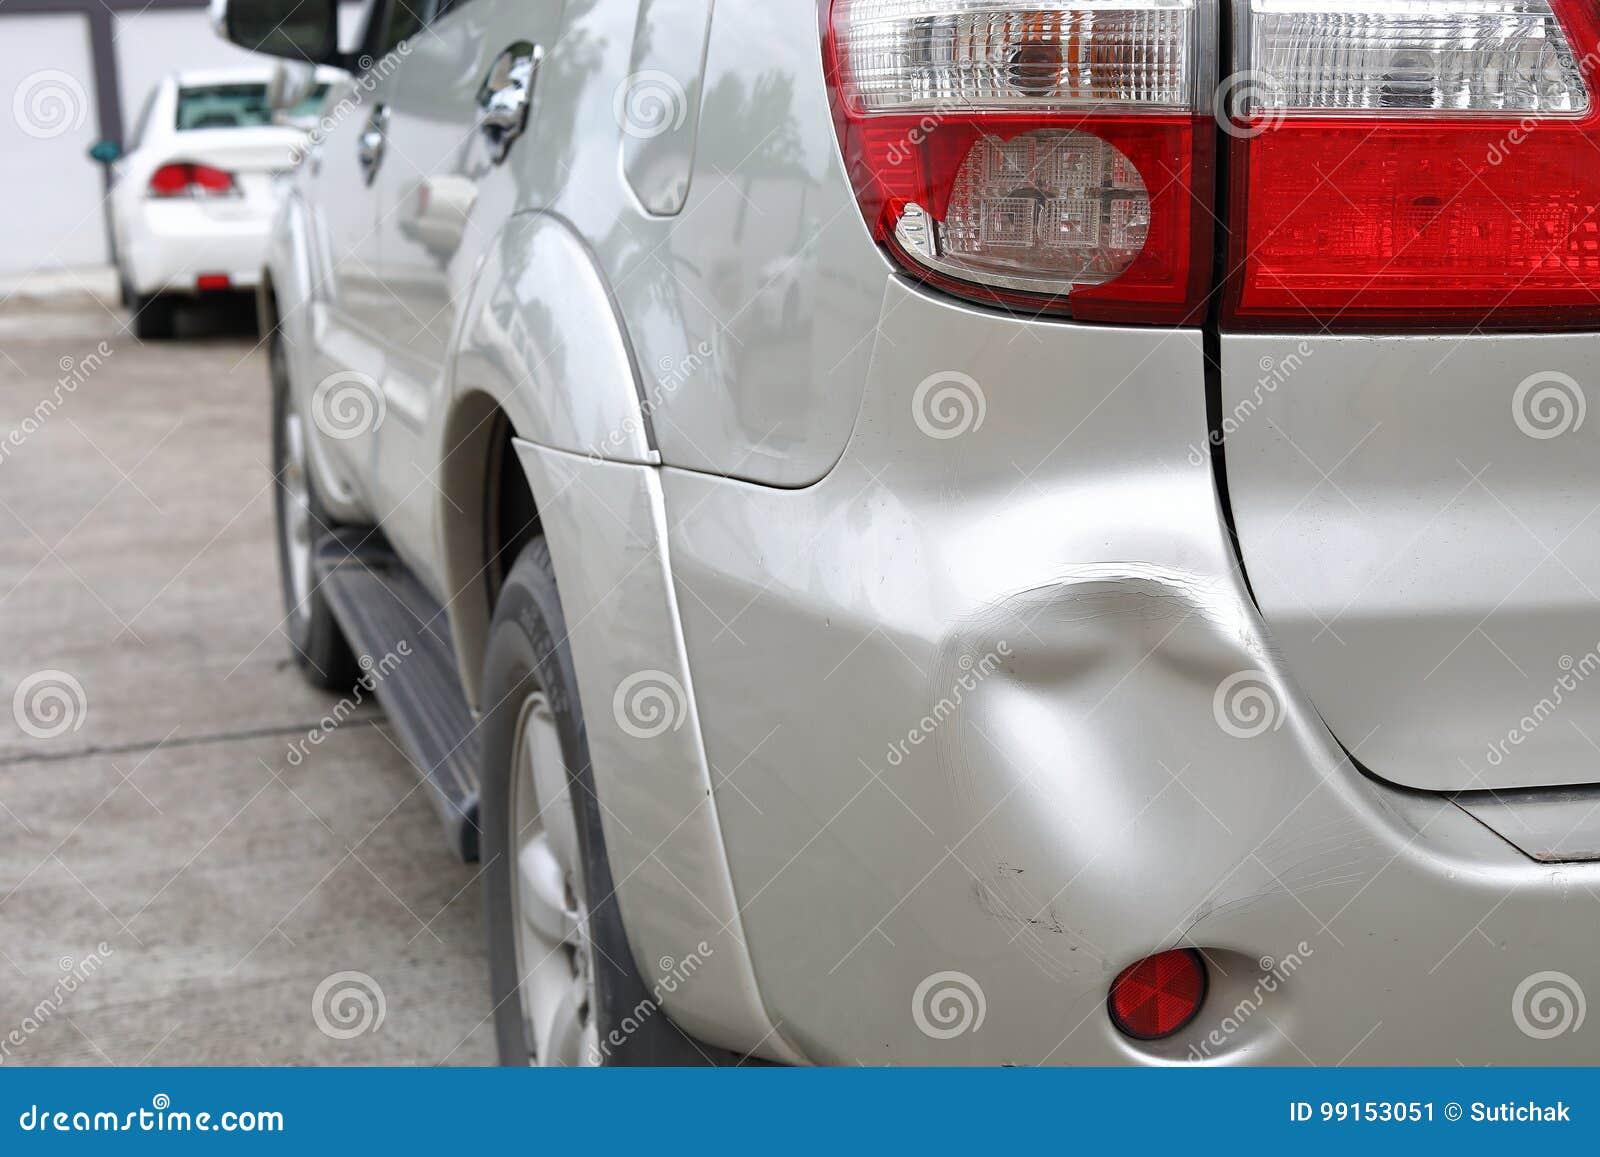 La bosselure de butoir de voiture de véhicule et la collision cassée par feu arrière se brisent